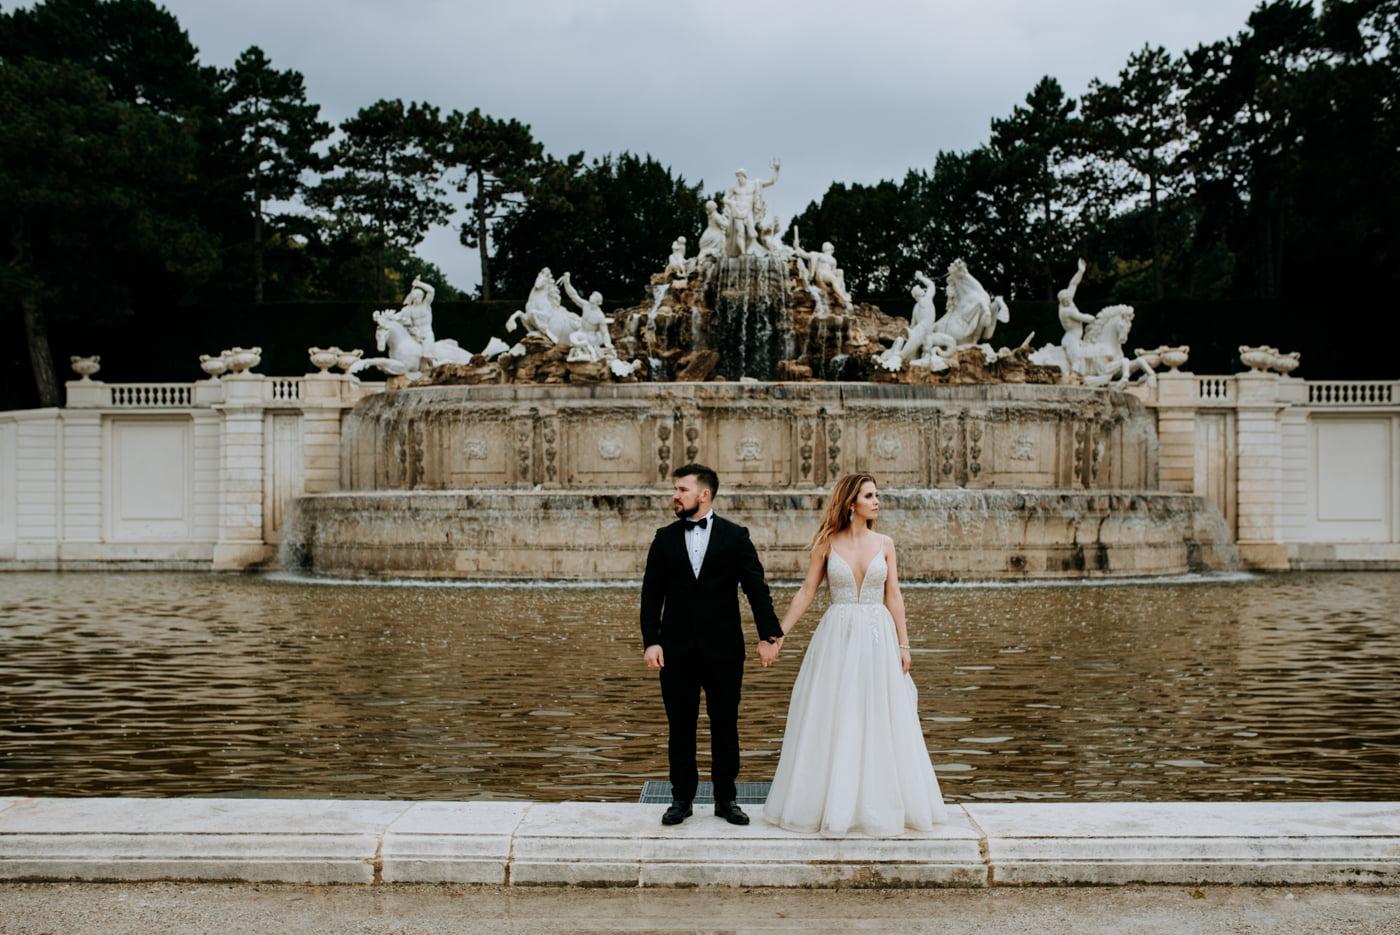 Sesja Ślubna w Wiedniu - Ania i Tomek 36